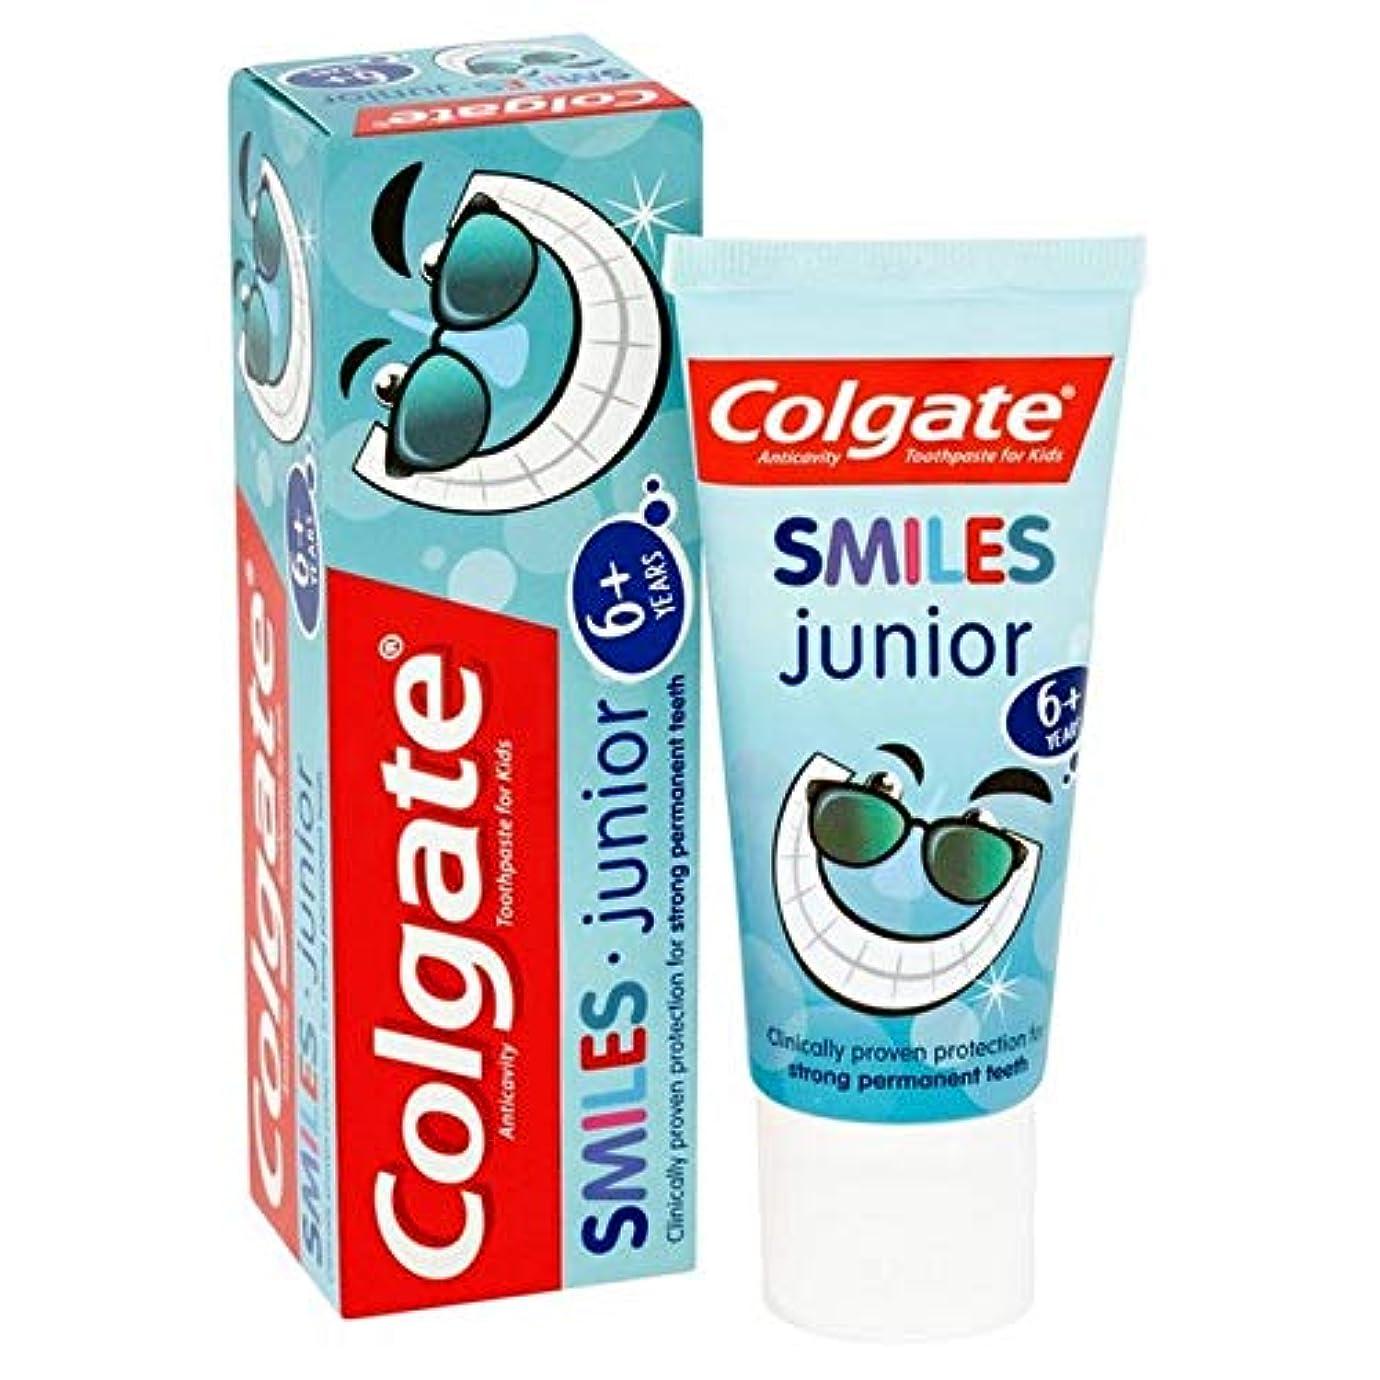 列車ホバート消費する[Colgate ] コルゲートは、ジュニア6+年の歯磨き粉50ミリリットルを笑顔 - Colgate Smiles Junior 6+ years Toothpaste 50ml [並行輸入品]